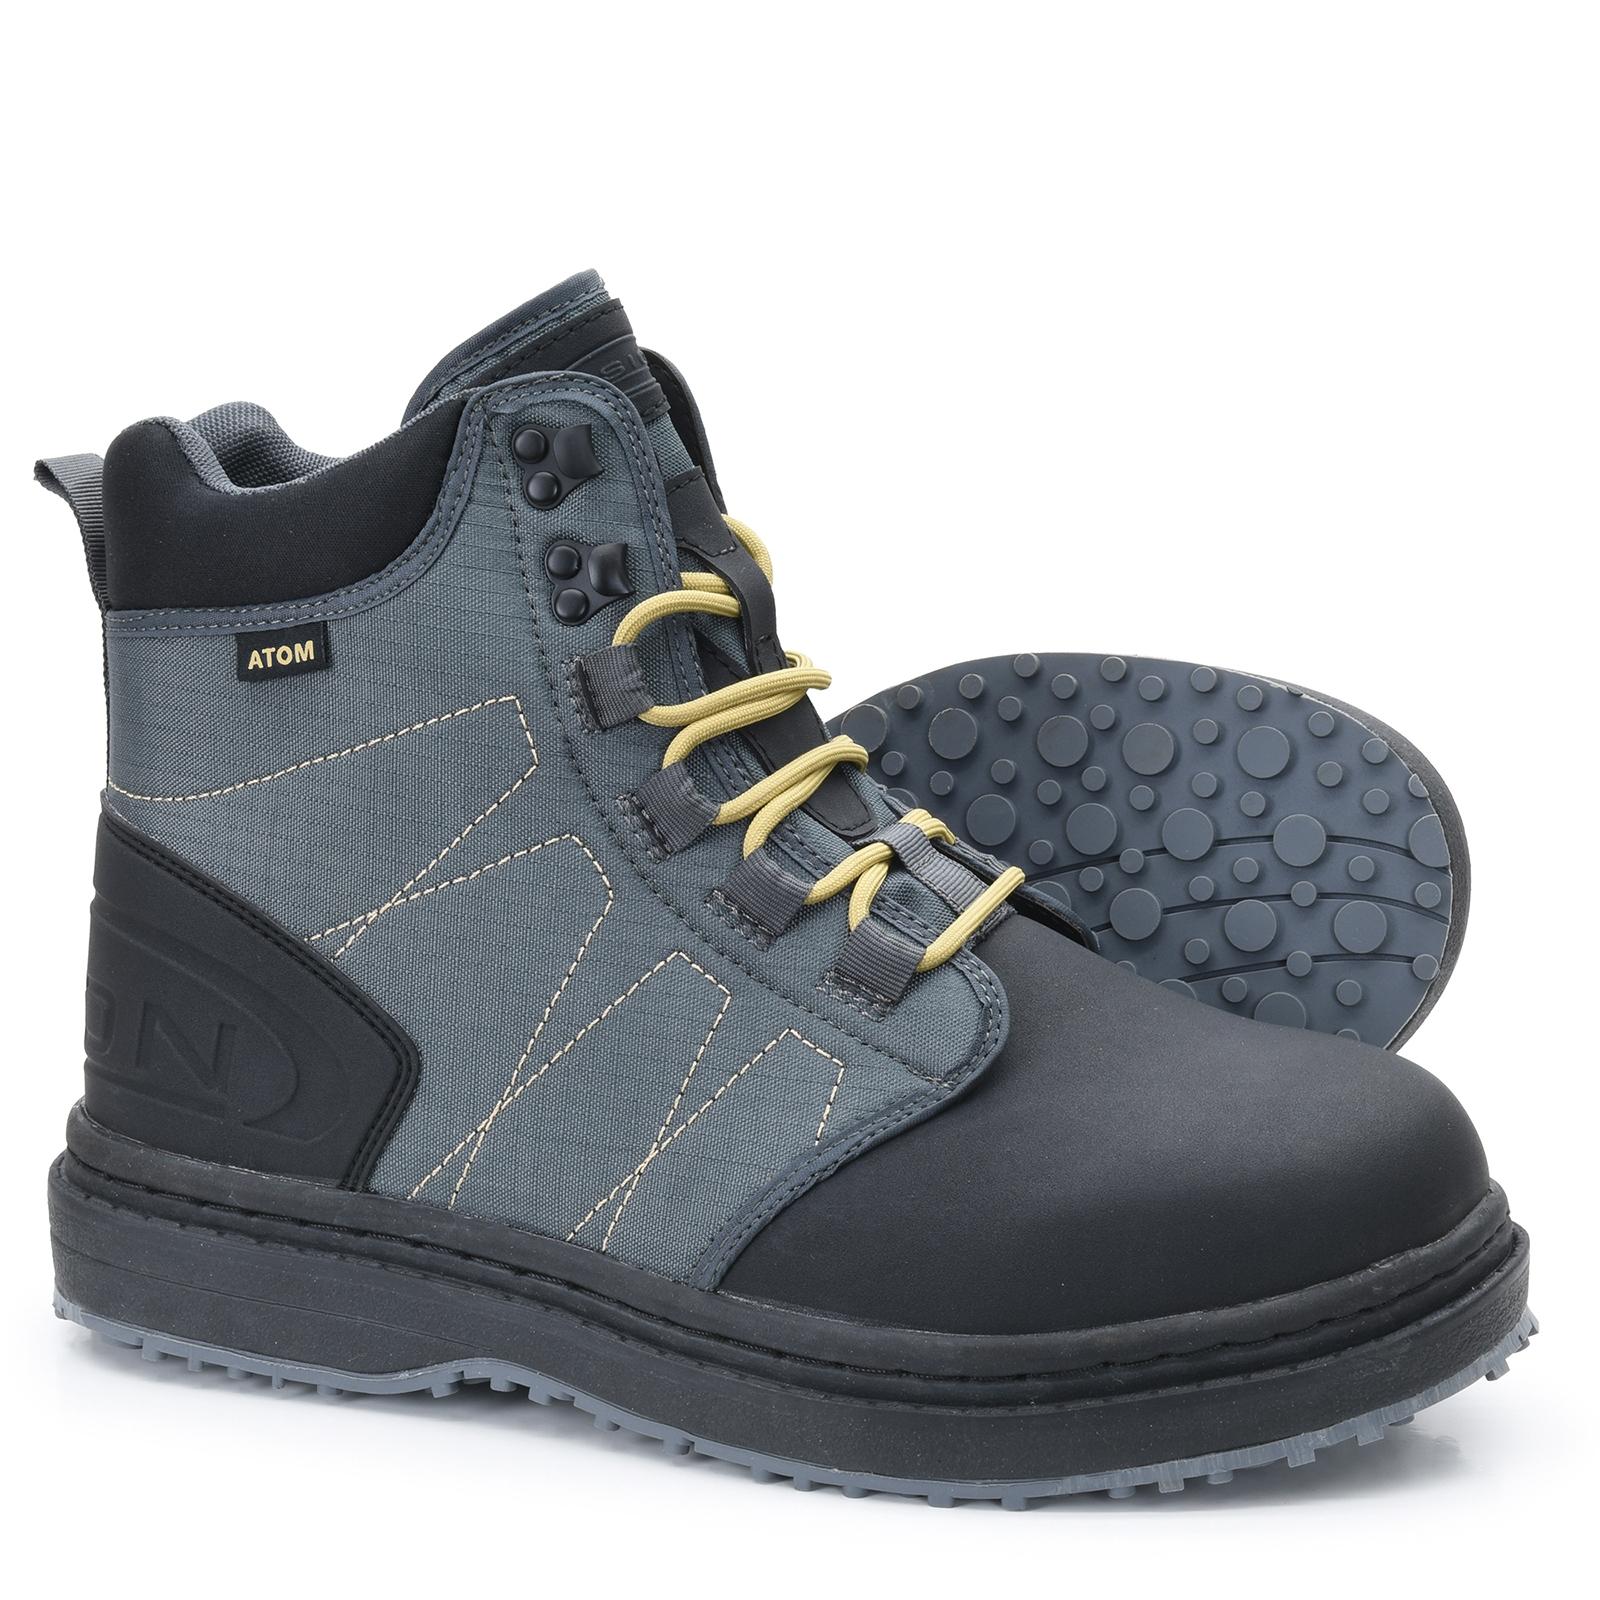 Atom Gummi Boot